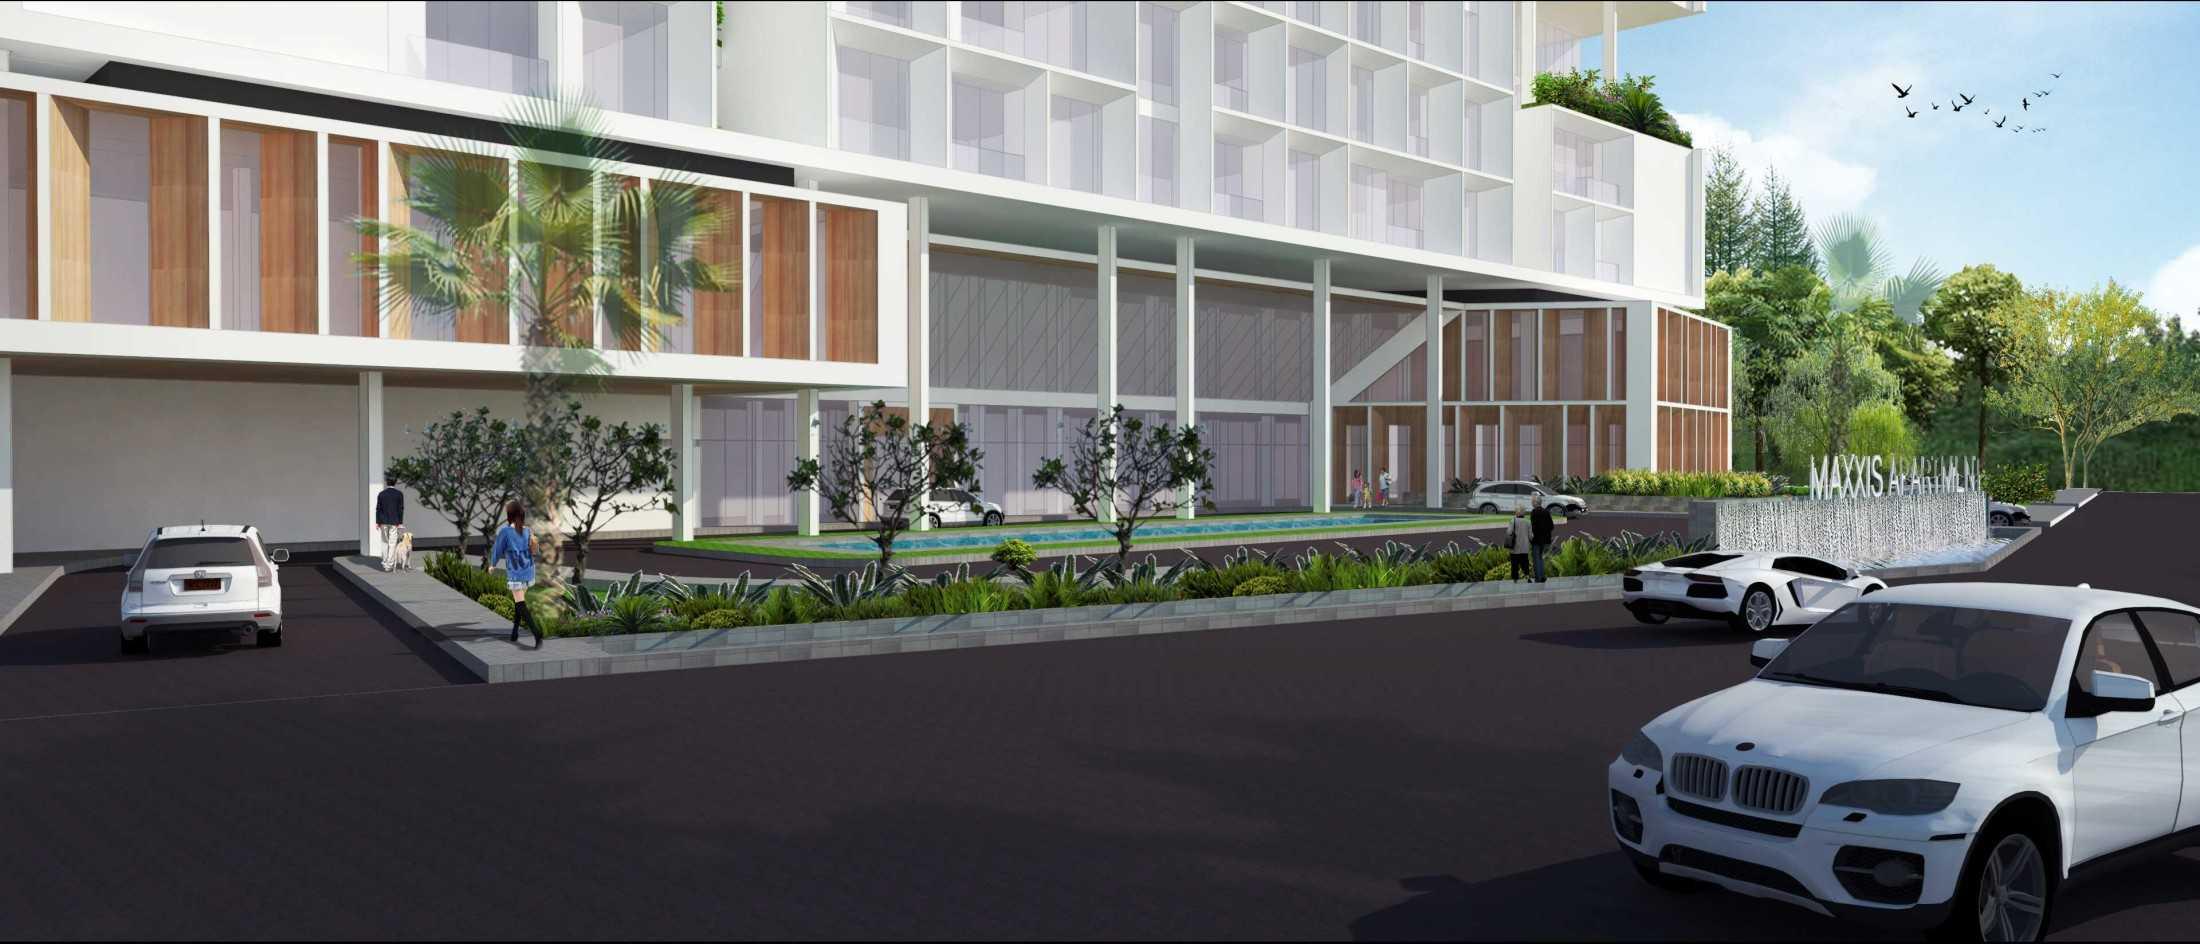 Alima Studio Apartment Maxxis Cikarang, Bekasi, Jawa Barat, Indonesia Cikarang, Bekasi, Jawa Barat, Indonesia Alima-Studio-Apartment-Maxxis  57240